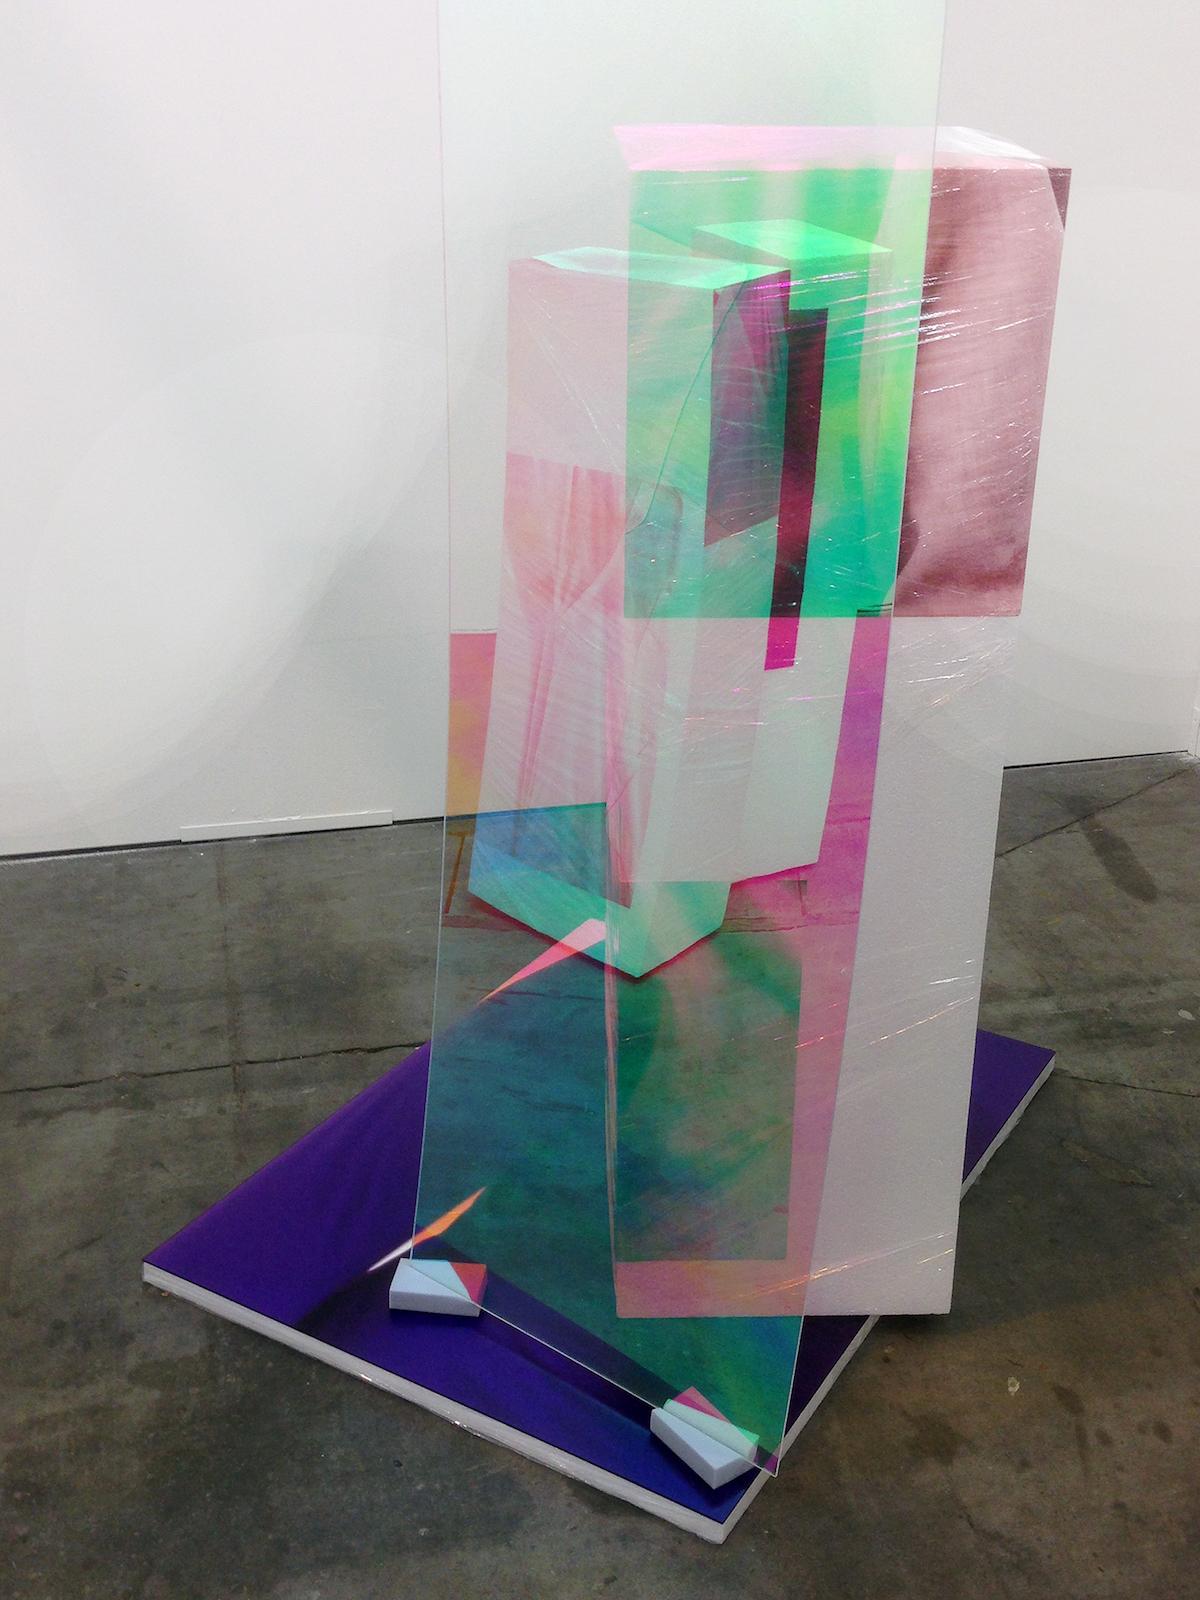 Sweaty Sculpture (back)  at BoetzelaerINispen at Art Bruxelles 2015